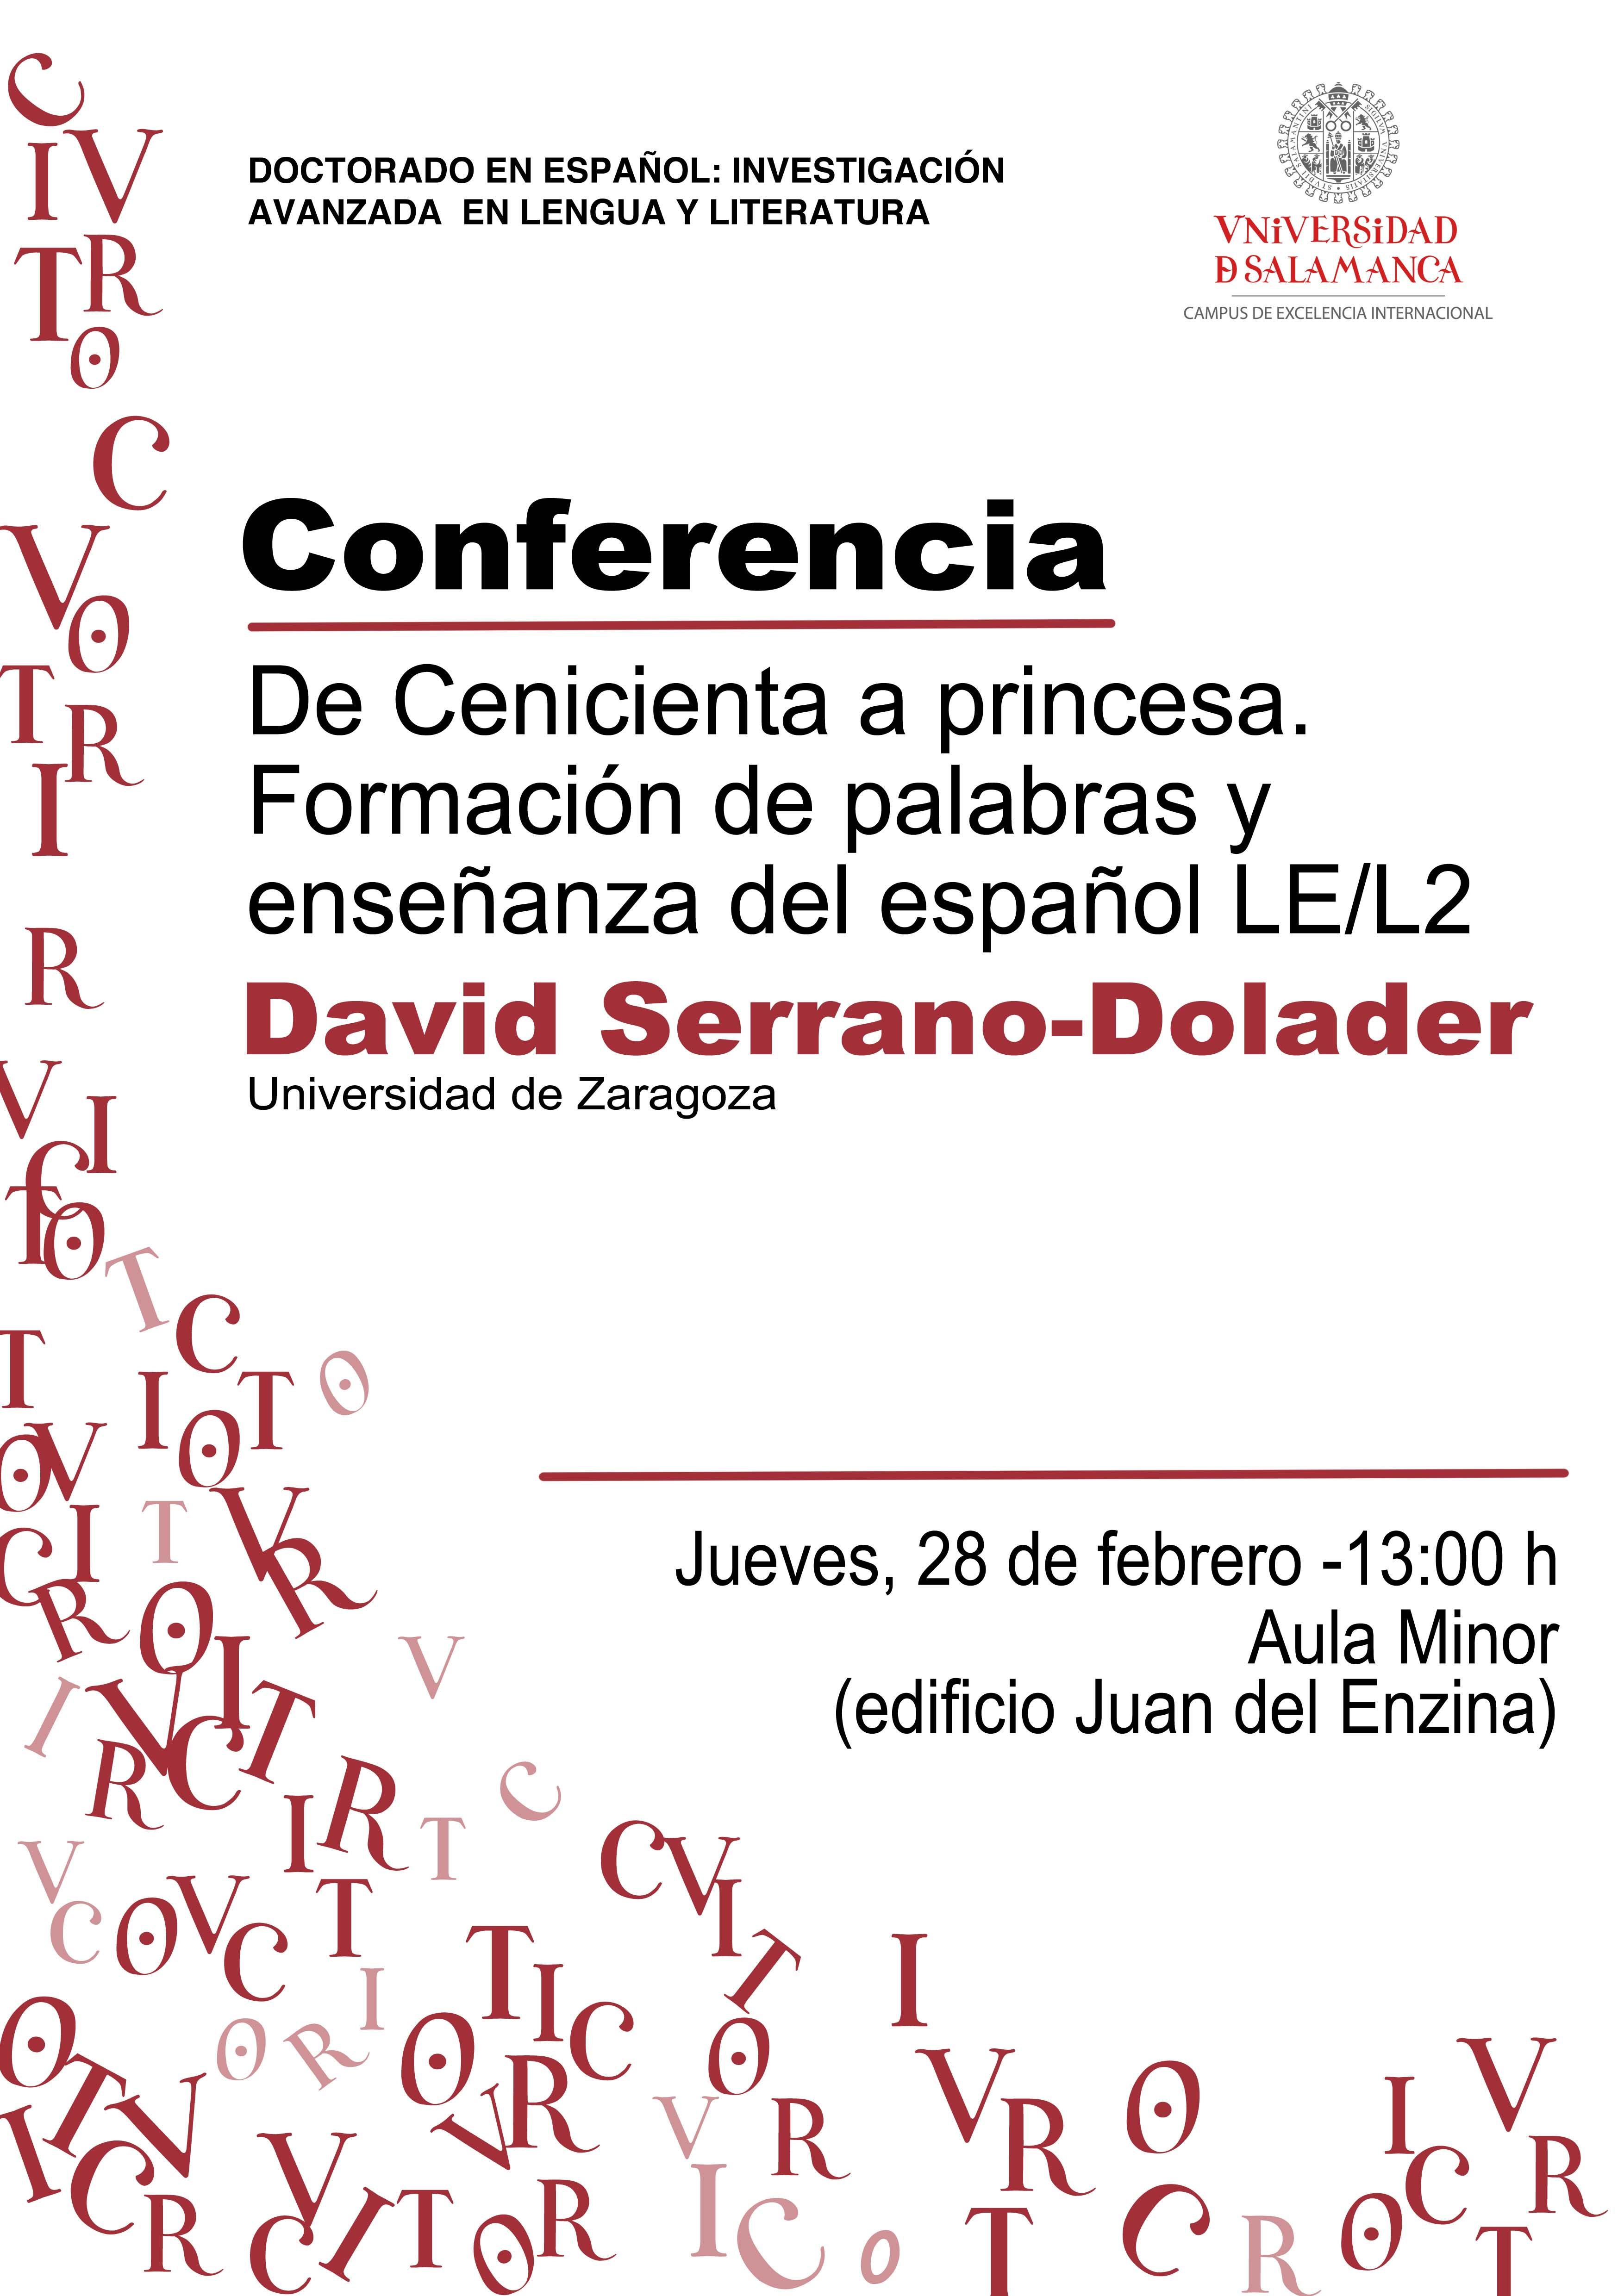 Conferencia de David Serrano-Dolader